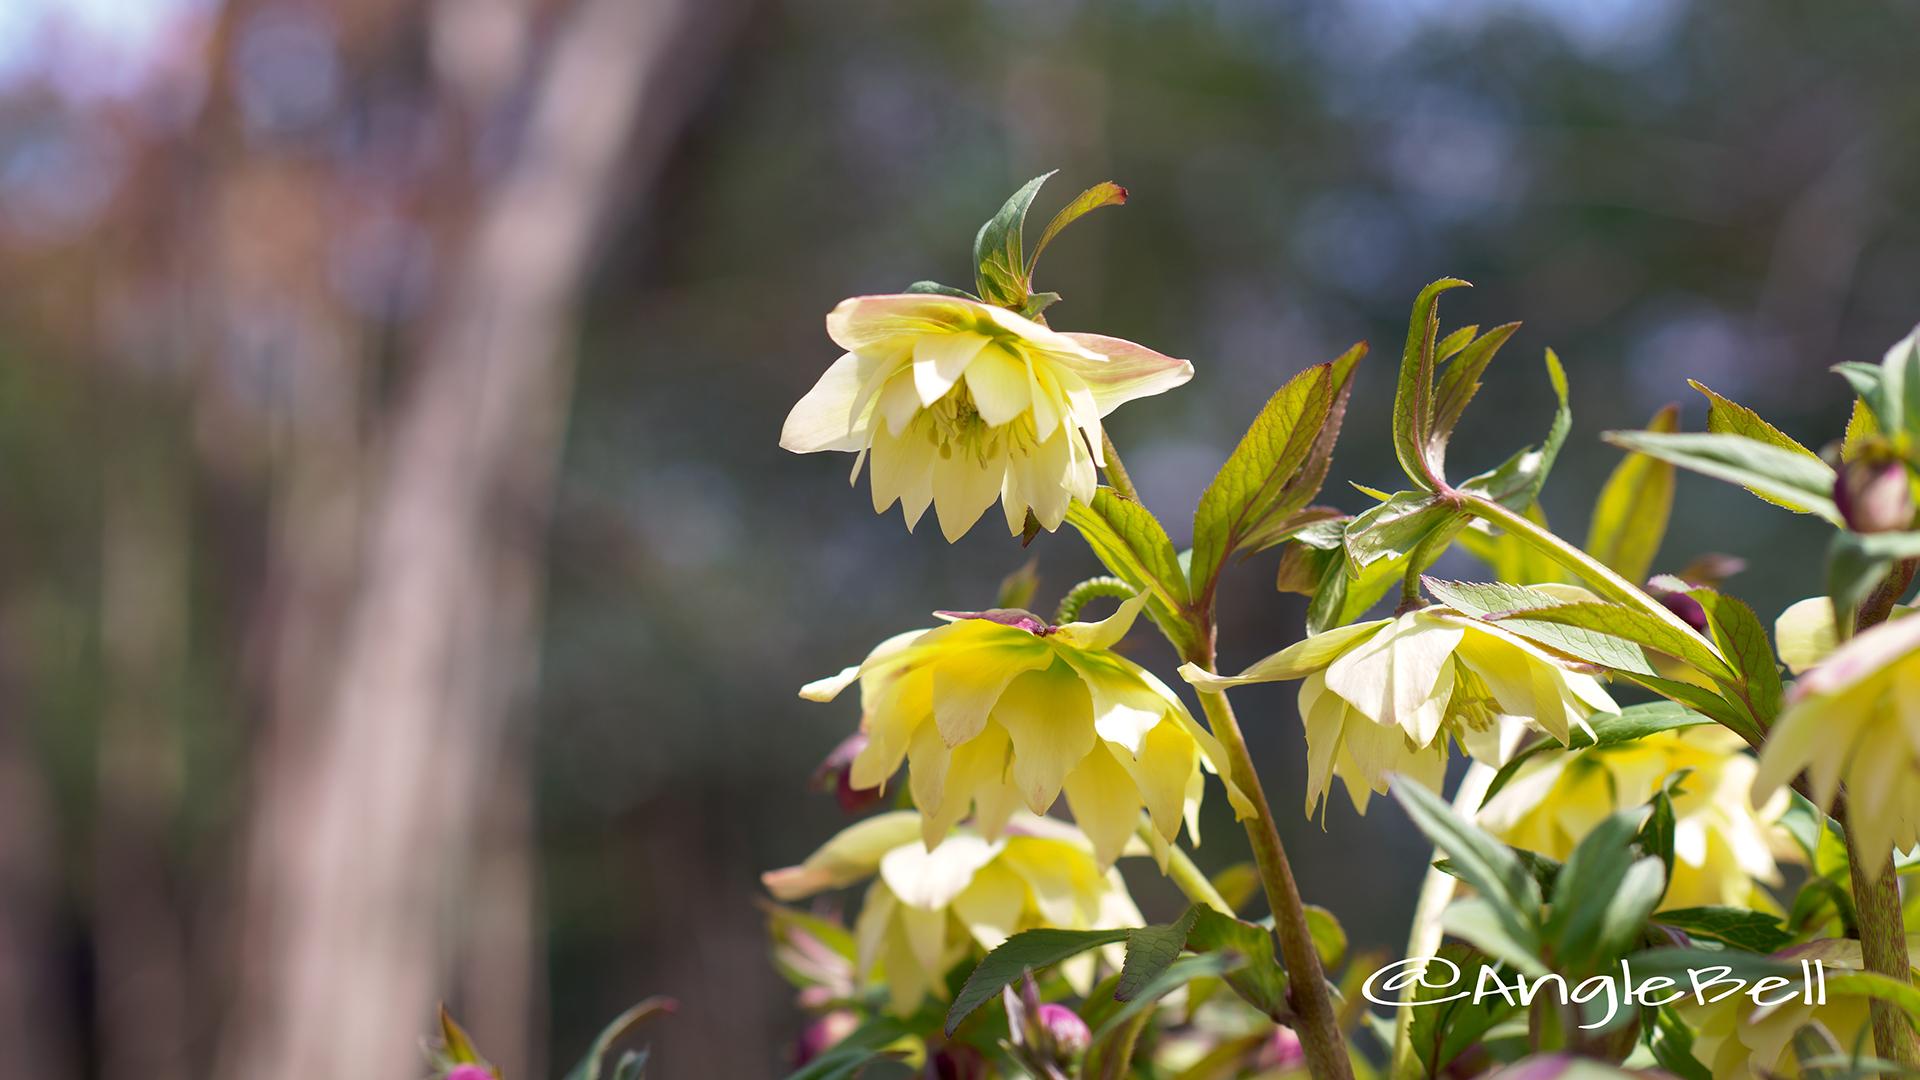 ライム・イエロー クリスマスローズ Flower Photo1